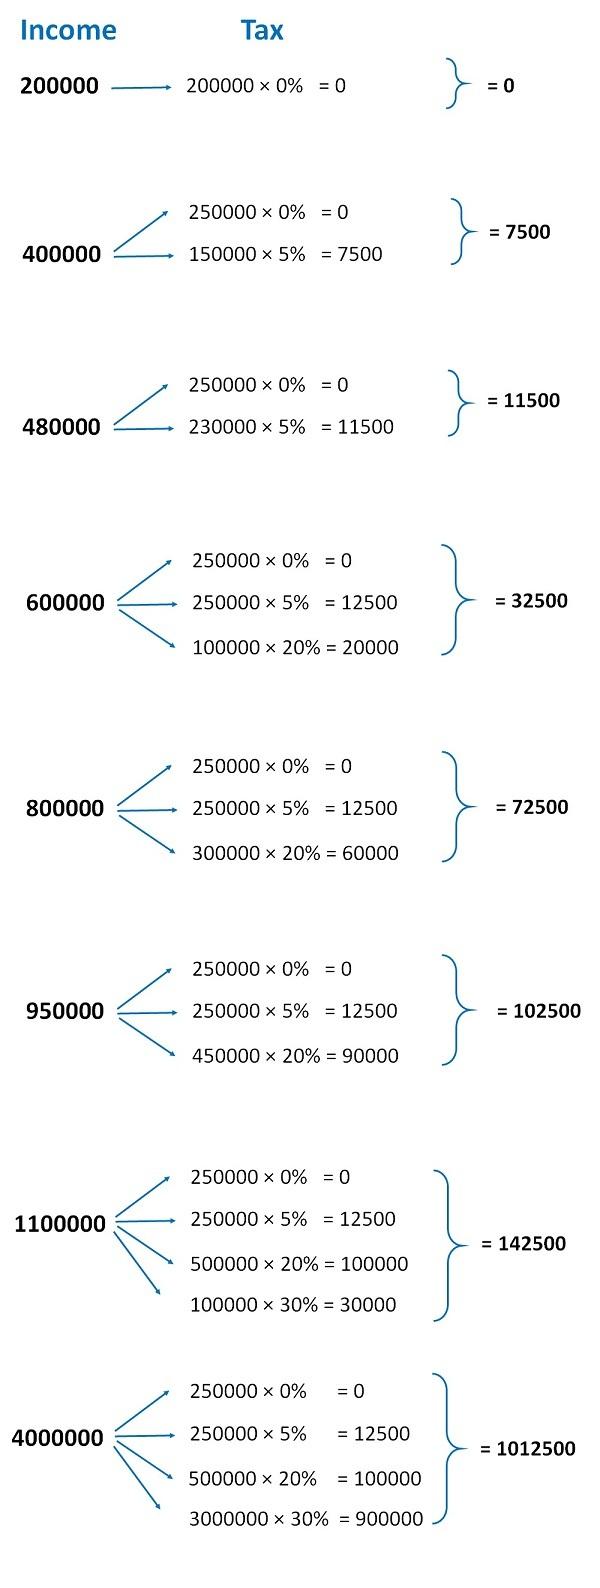 Slab Rate 1.jpg